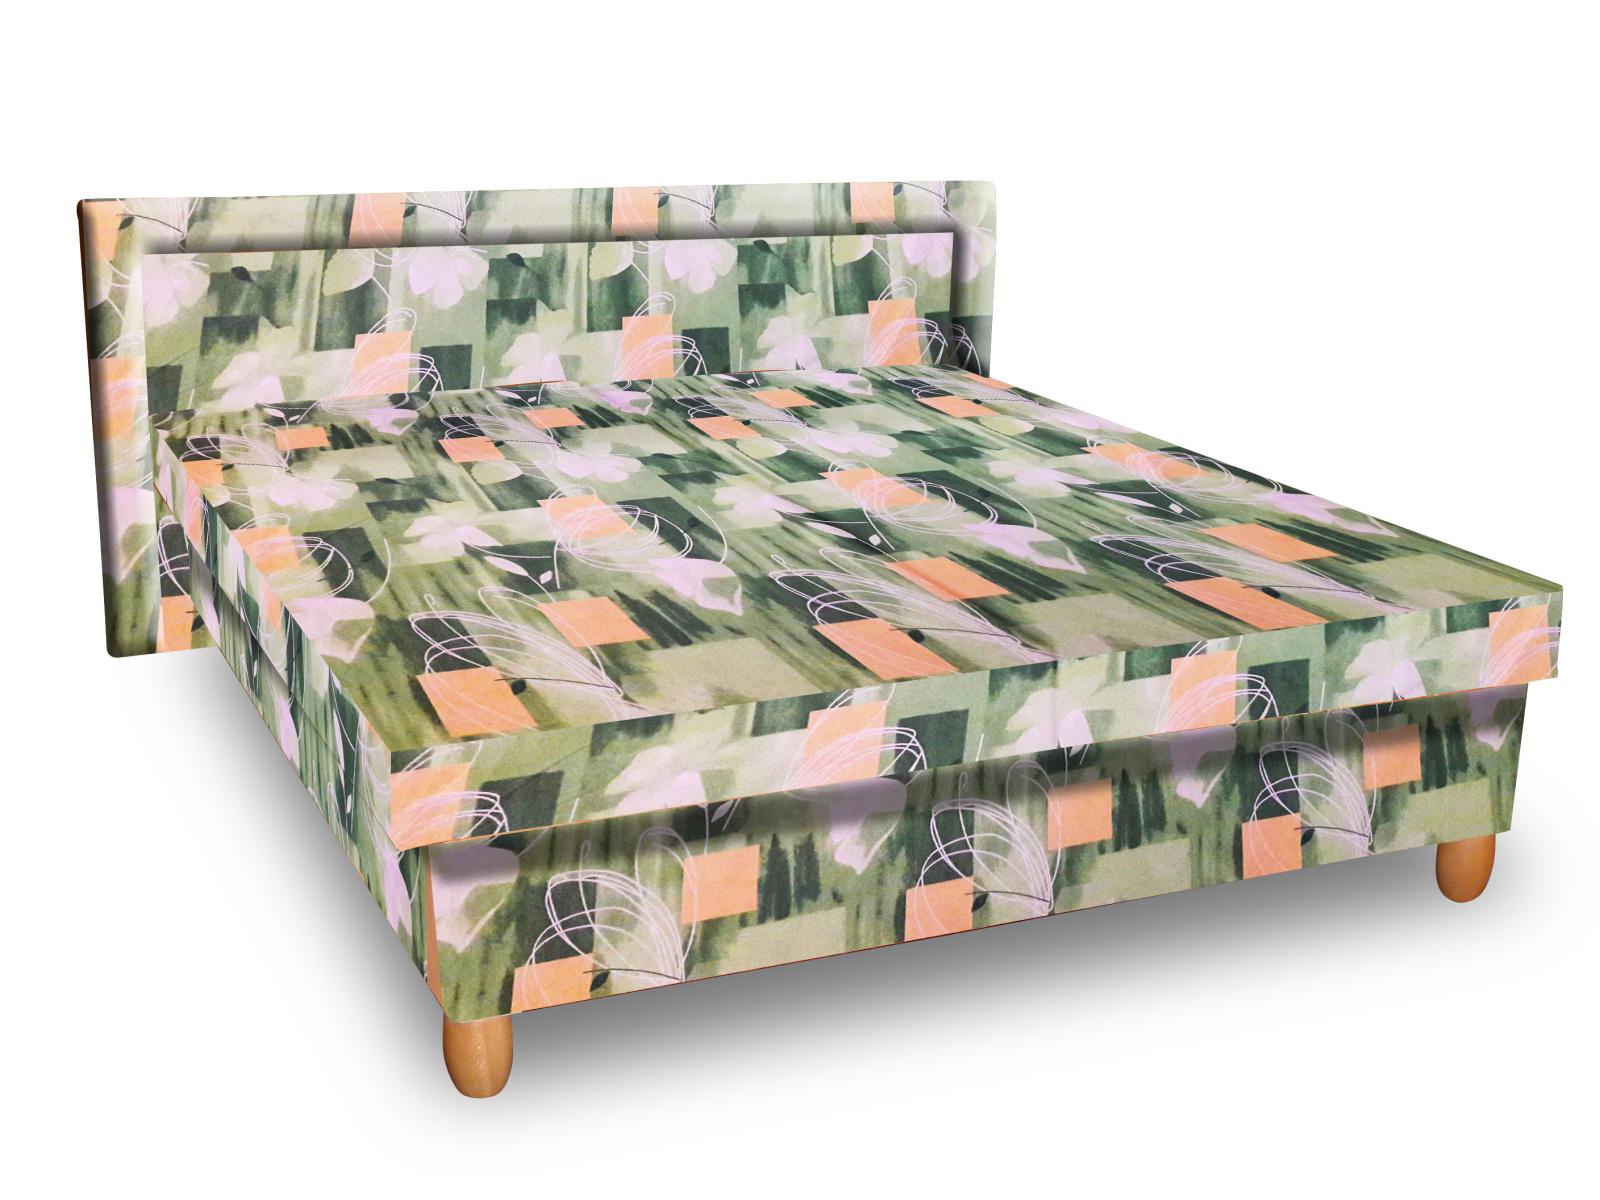 Smartshop Čalouněná postel IVA 160x195 cm, zelená látka